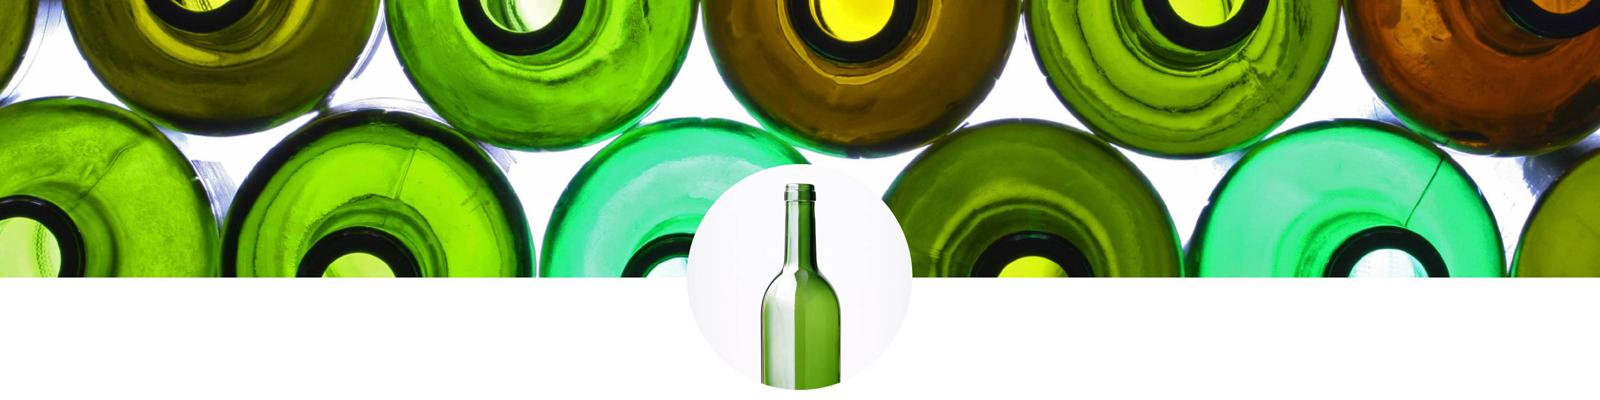 banniere-bouteille-vin